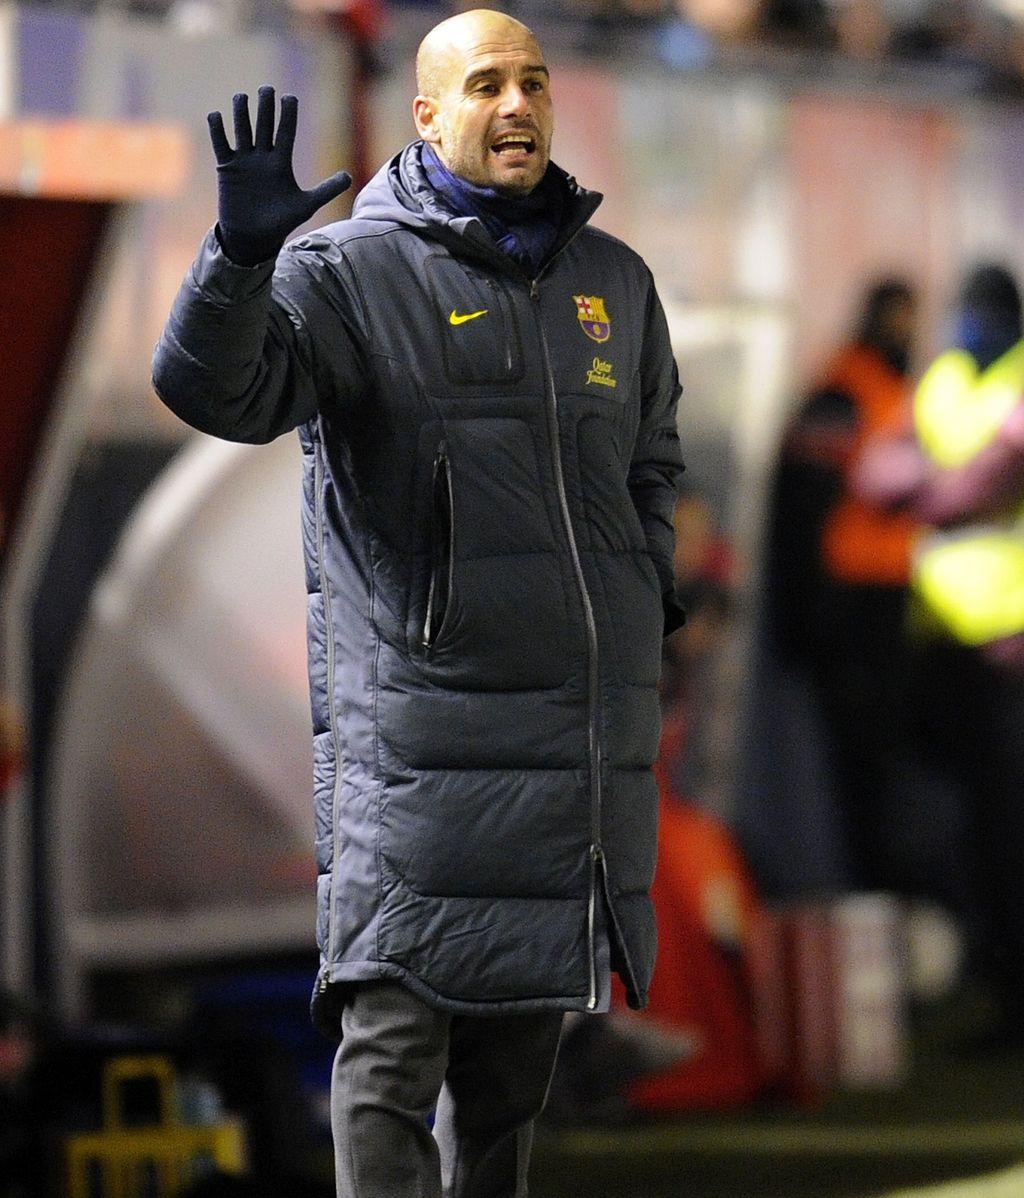 Pep Guardiola da instrucciones durante el partido contra Osasuna en el Reyno de Navarra